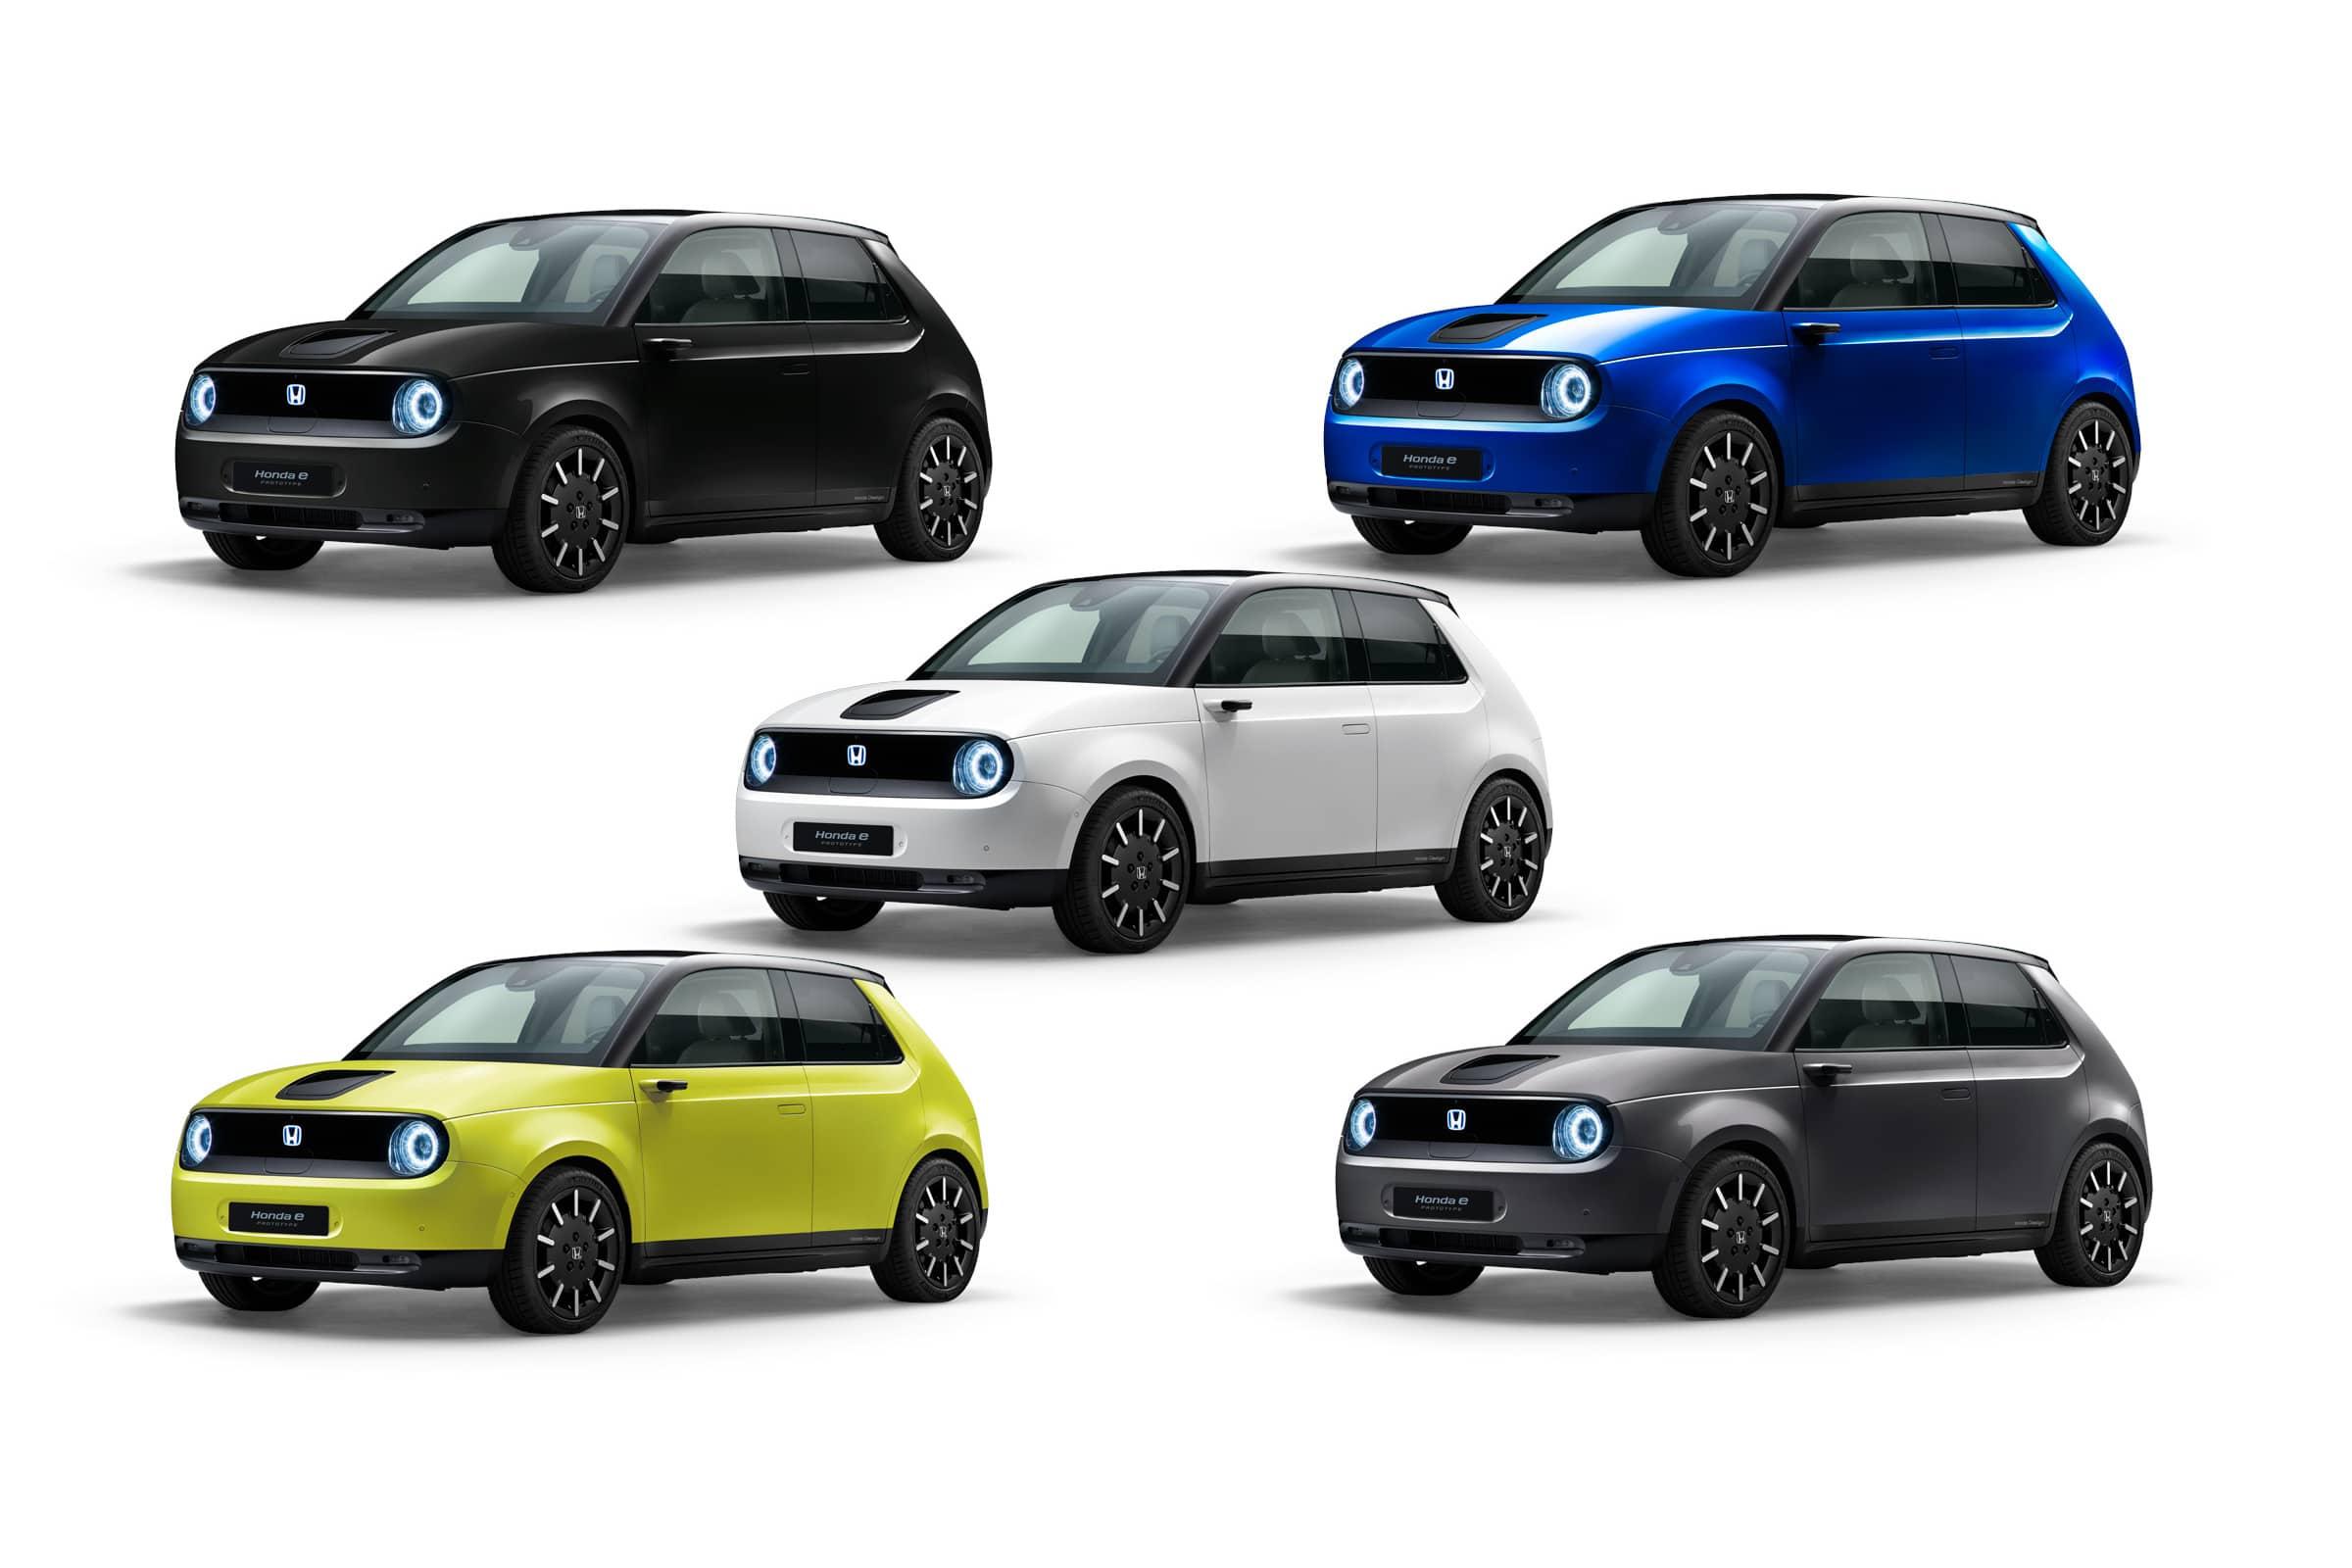 Honda открыла европейские предзаказы на электрохэтчбек Honda e и показала пять цветовых вариантов новинки